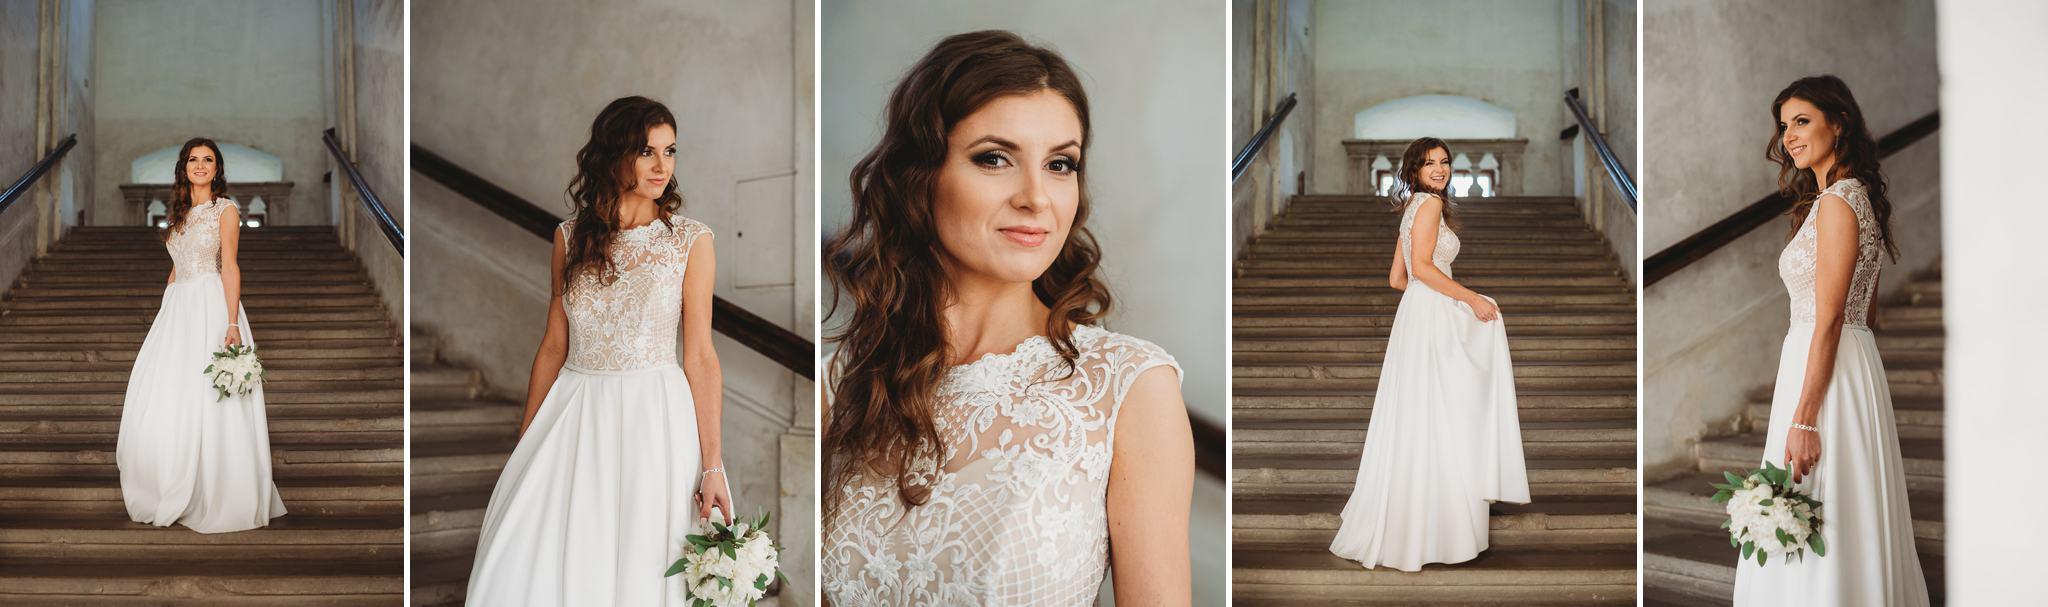 Dorota i Tomasz-wesele Hotel Kristoff Kalisz, sesja ślubna w Lubiążu 395